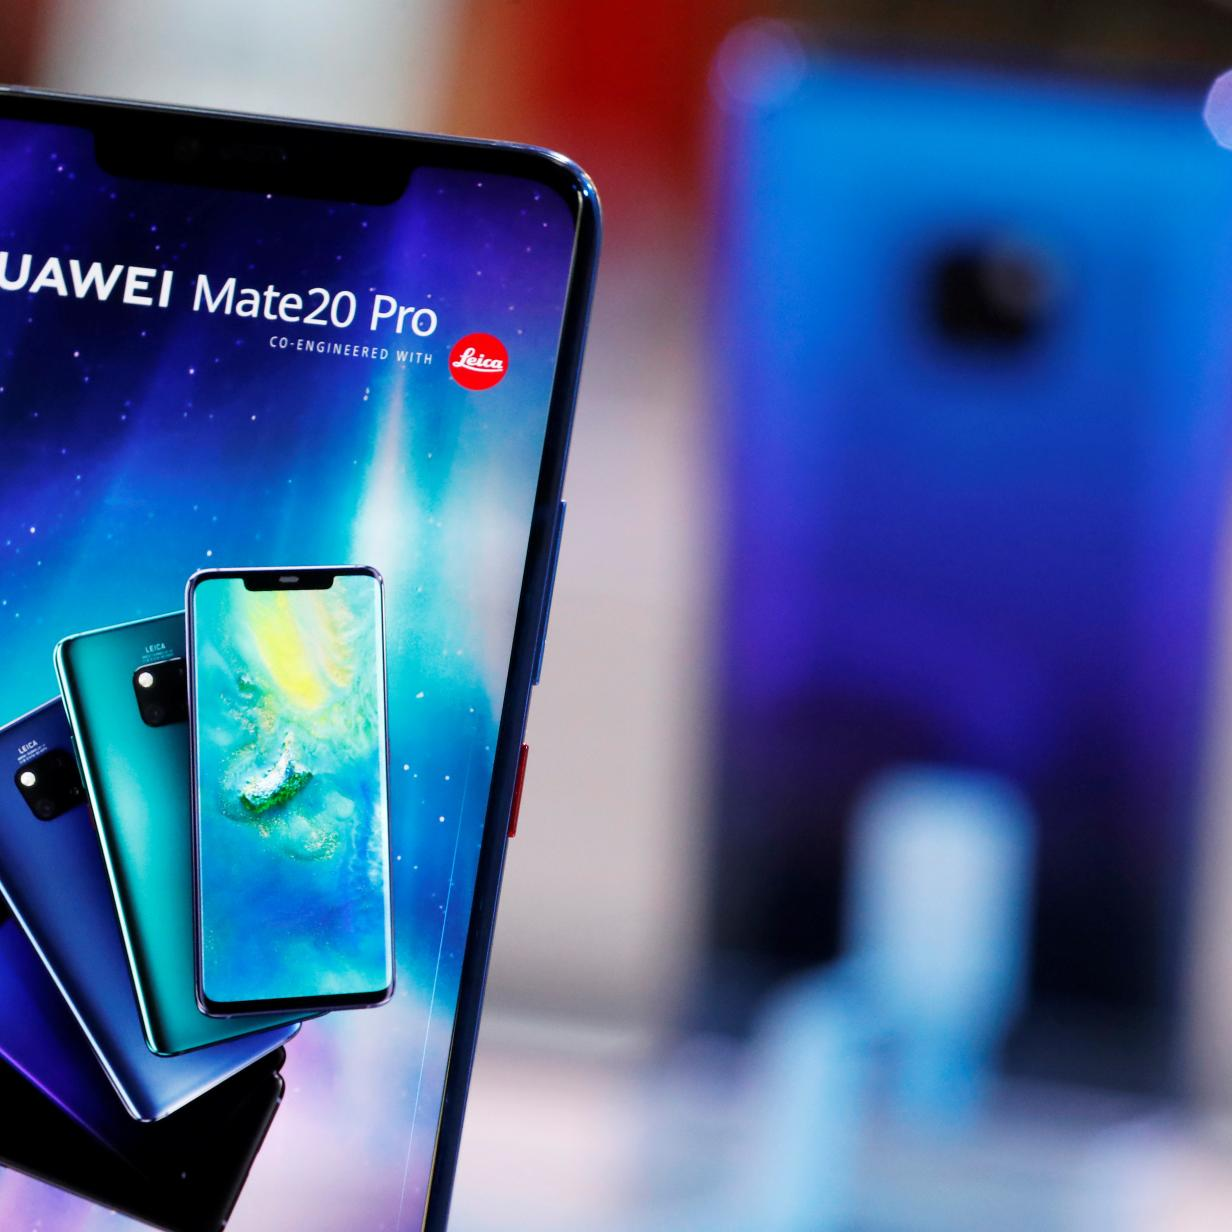 Yesss verkauft wieder Smartphones zu Sonderpreisen